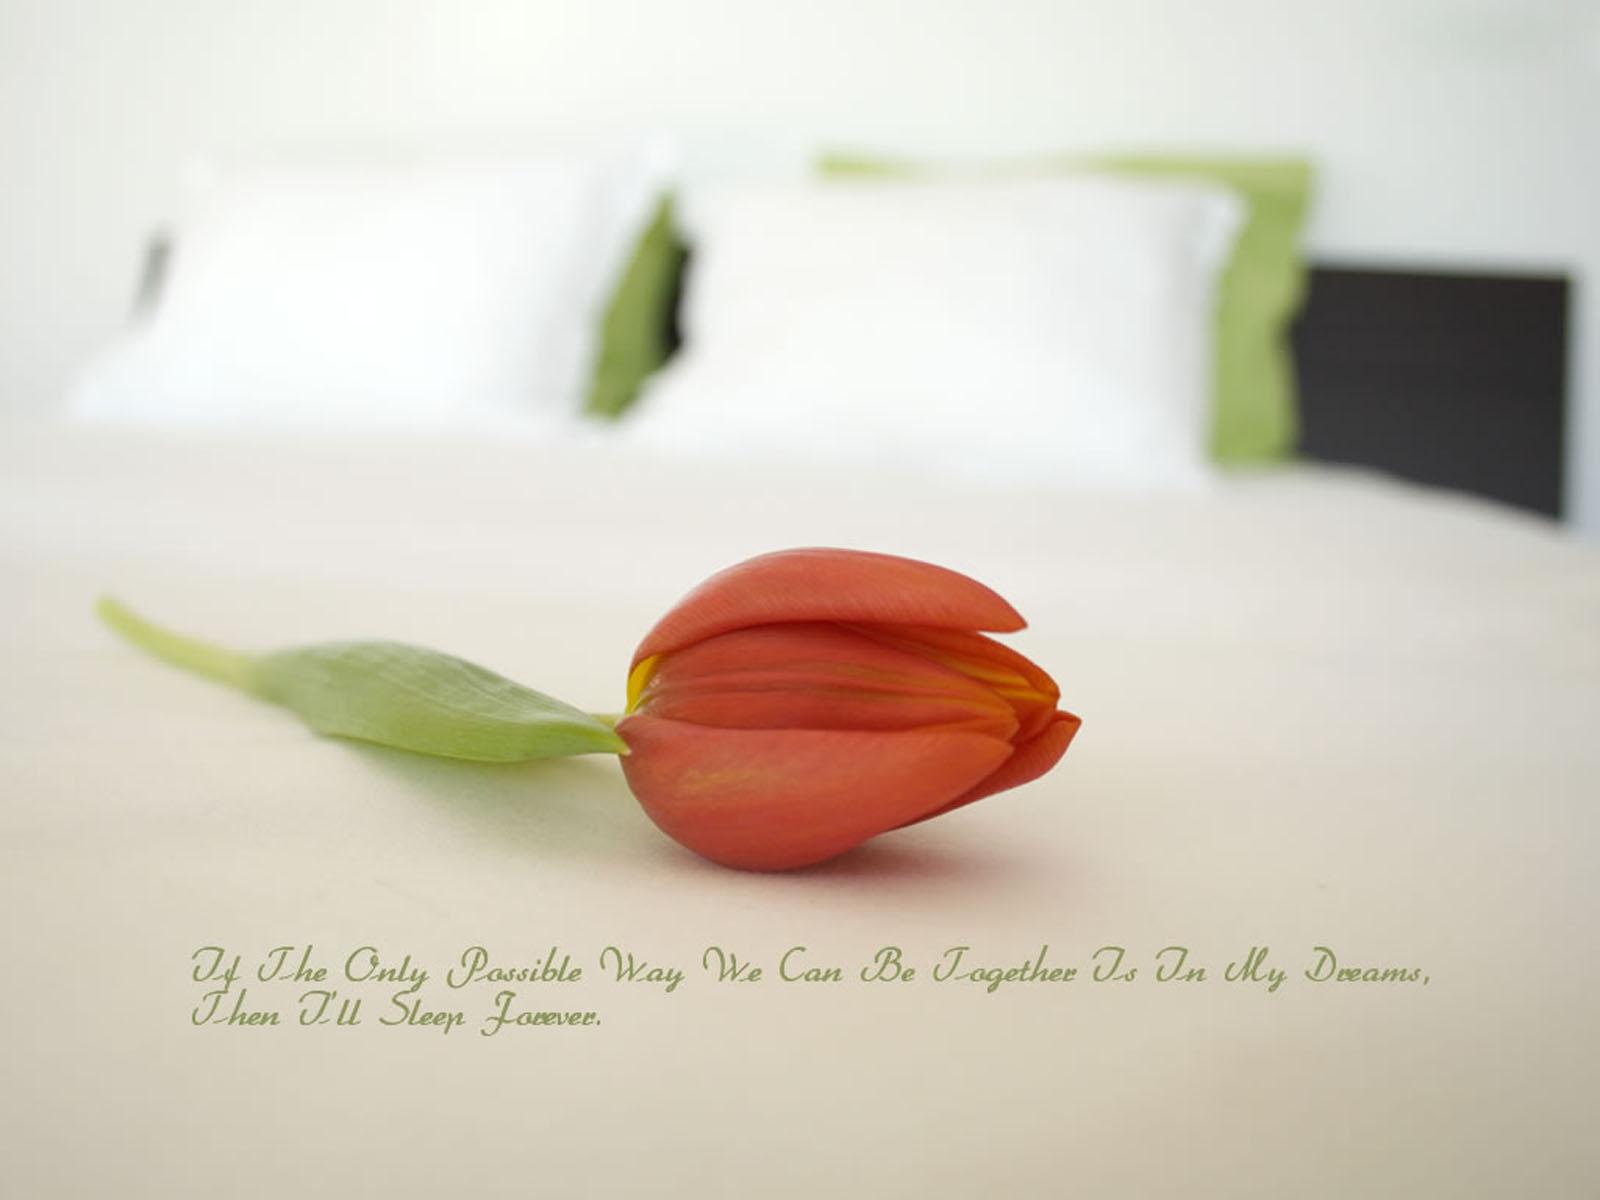 http://3.bp.blogspot.com/-WR9ZptjIRpk/T4WmmKqvGtI/AAAAAAAACA0/6lJW2H7bKp4/s1600/Love+Quotes+Wallpapers.jpg